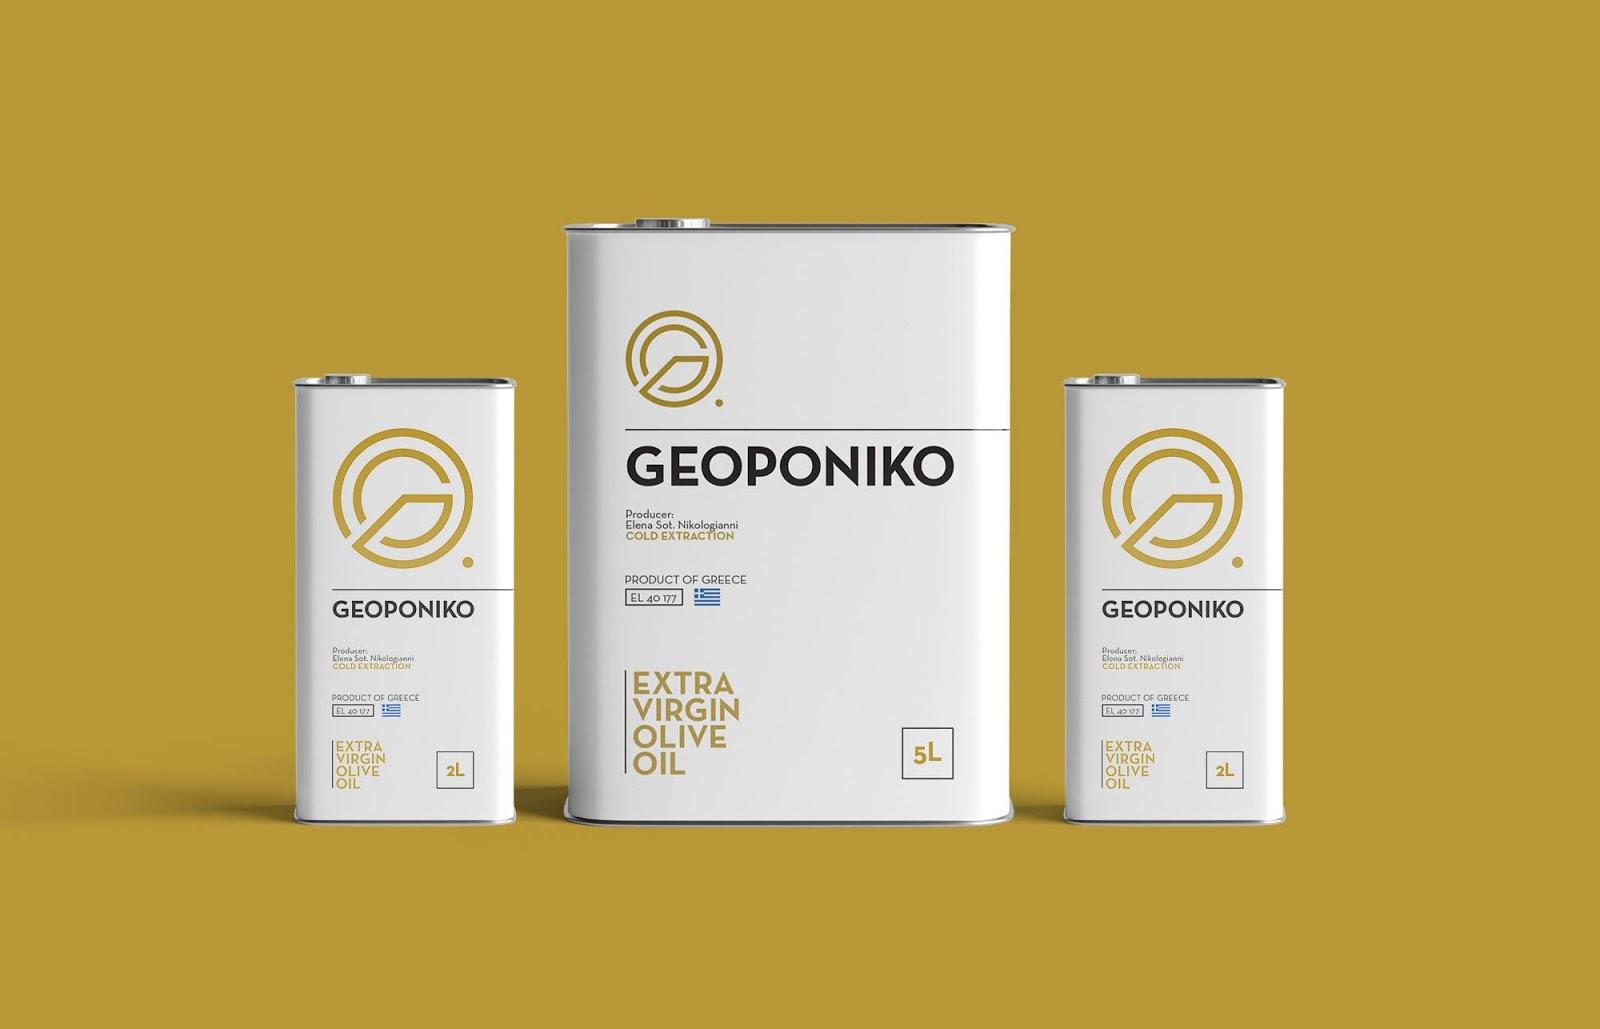 Geoponiko初榨橄榄油包装设计